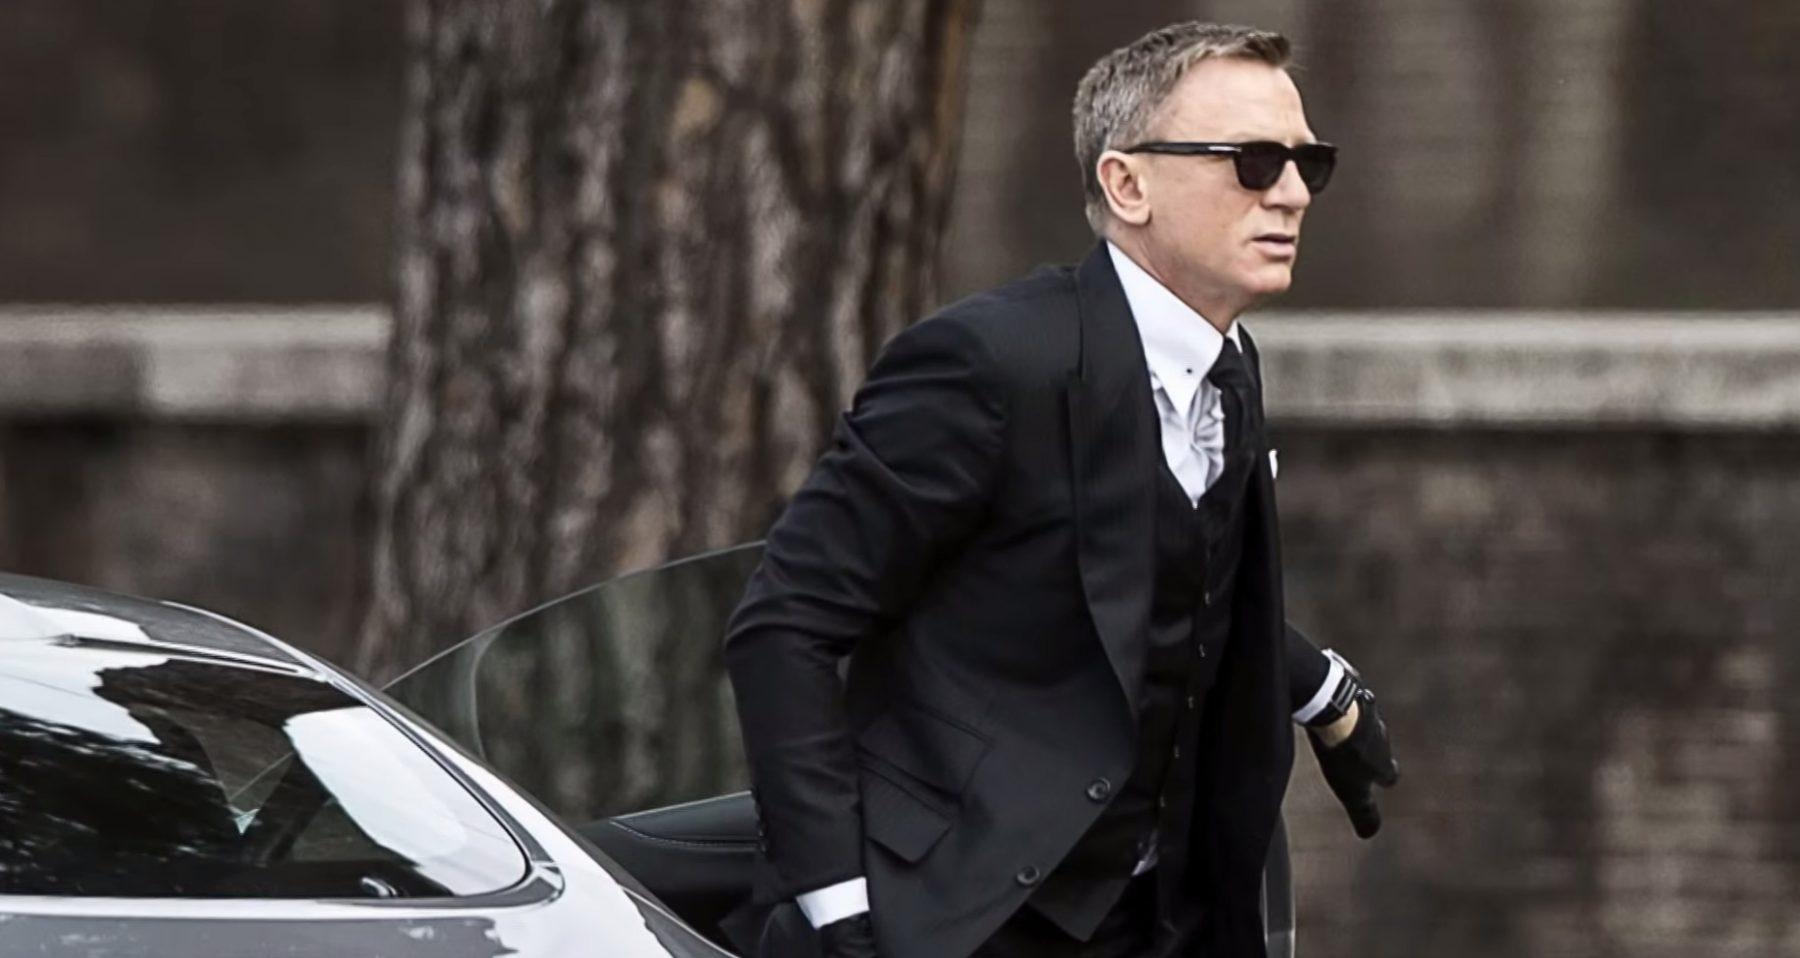 Tom Ford sunglasses in Sprectre